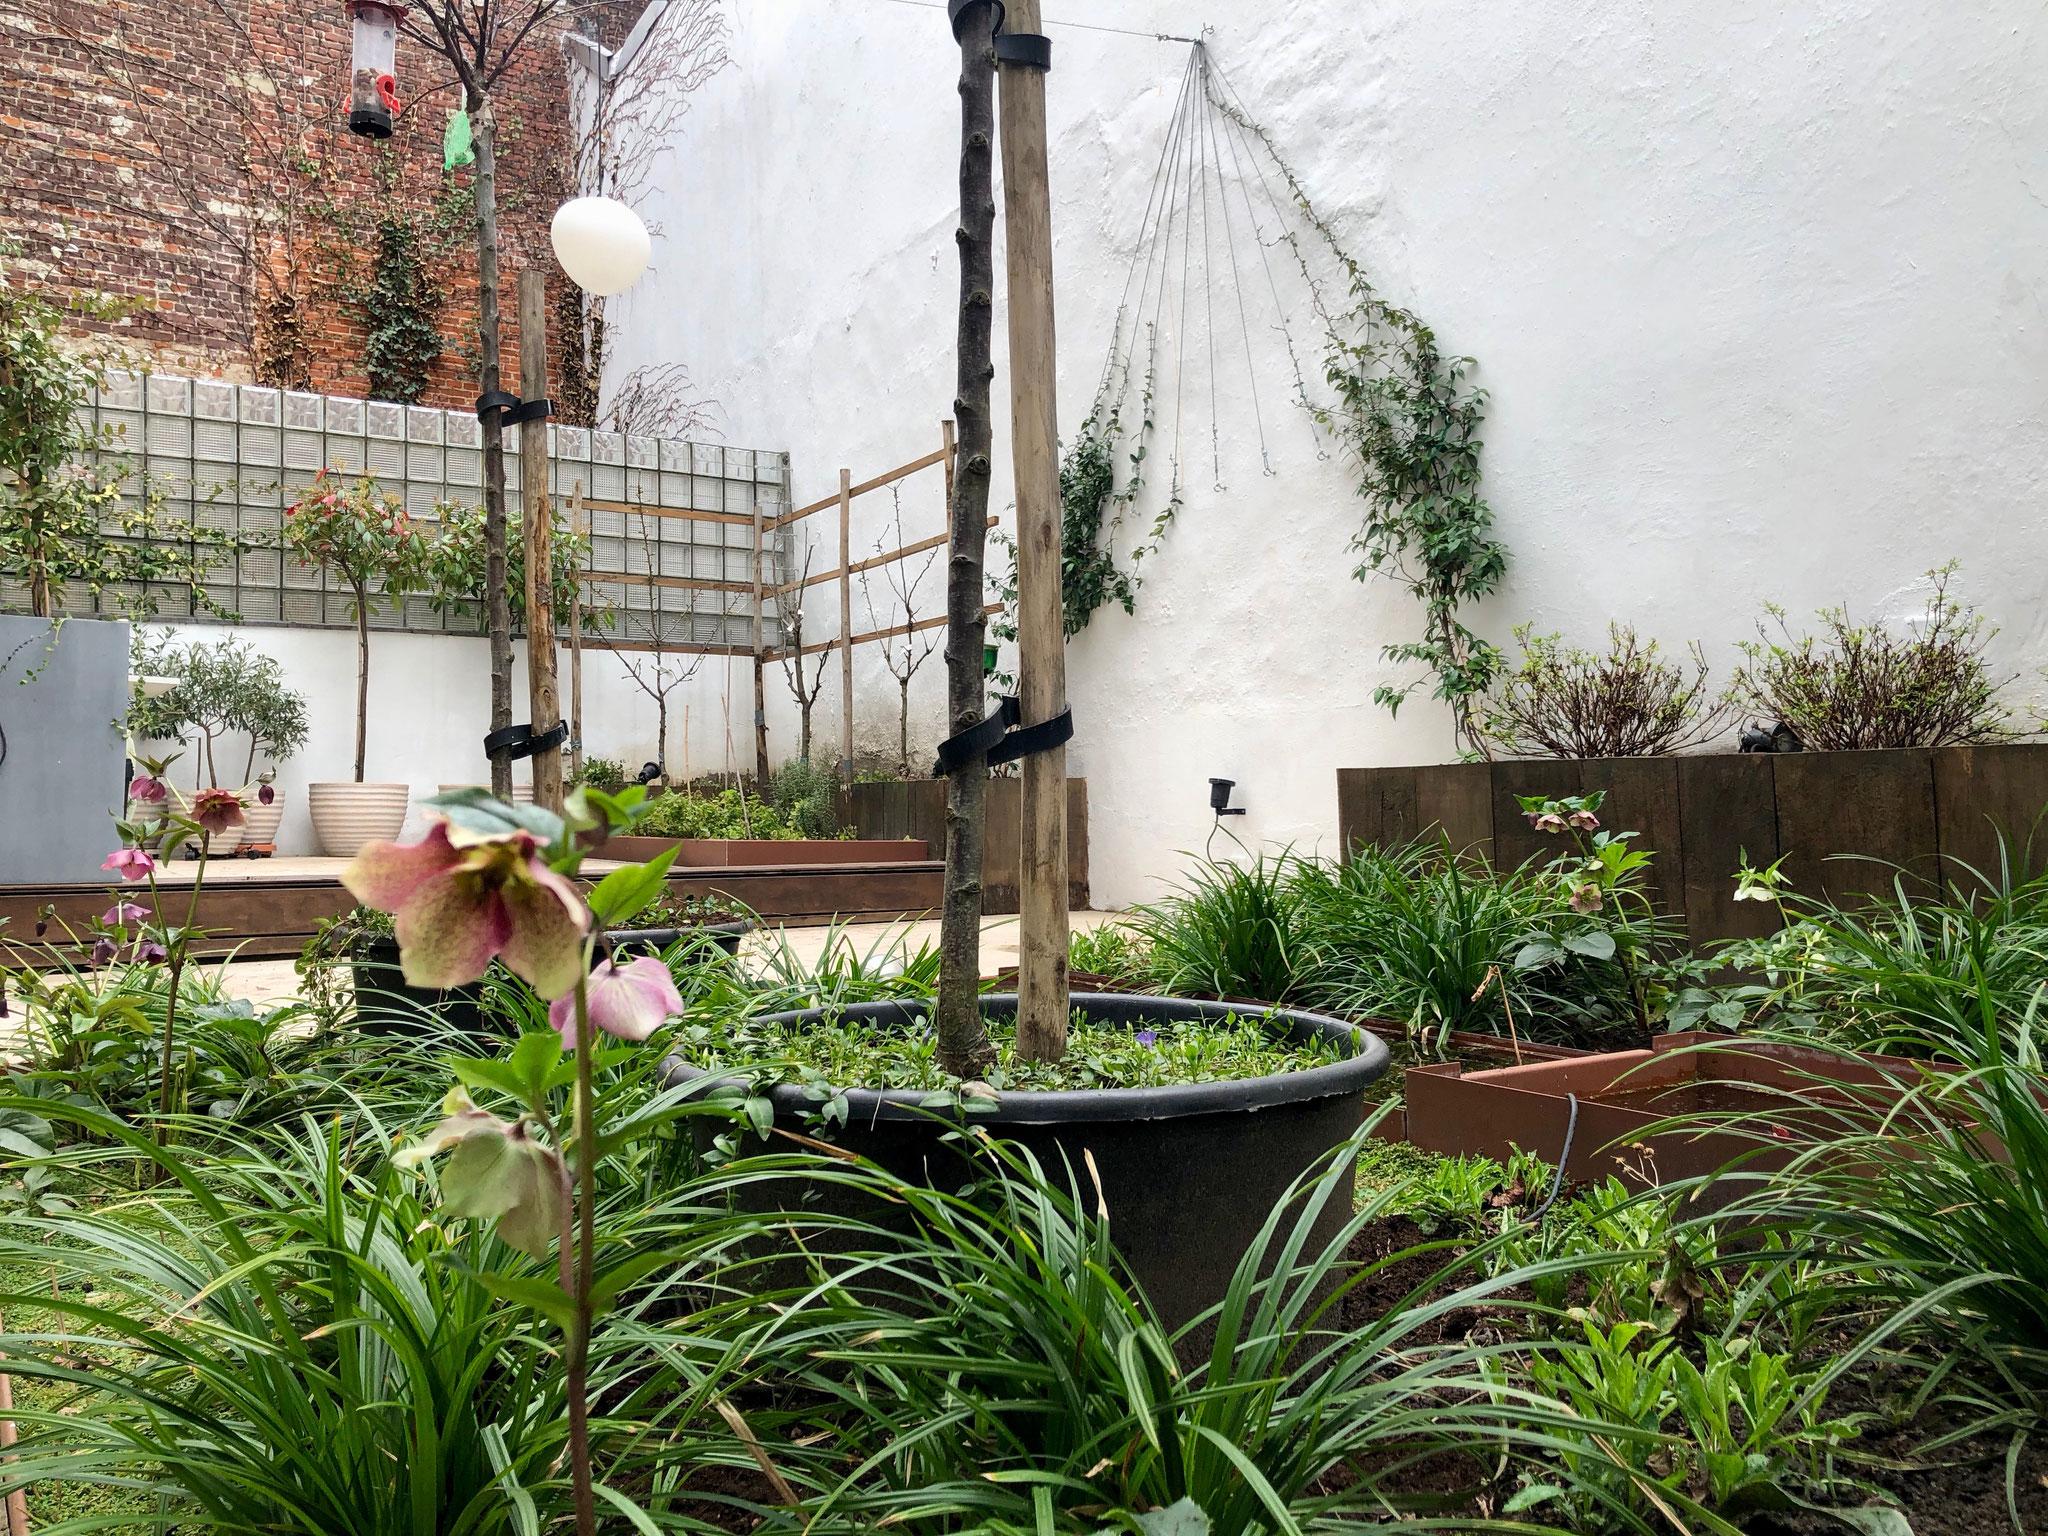 Cour de 40m2 - Jardin aux oiseaux - Printemps 2019 / +1,5 ans / Hellébores en fleur. Aménagement jardin Bruxelles